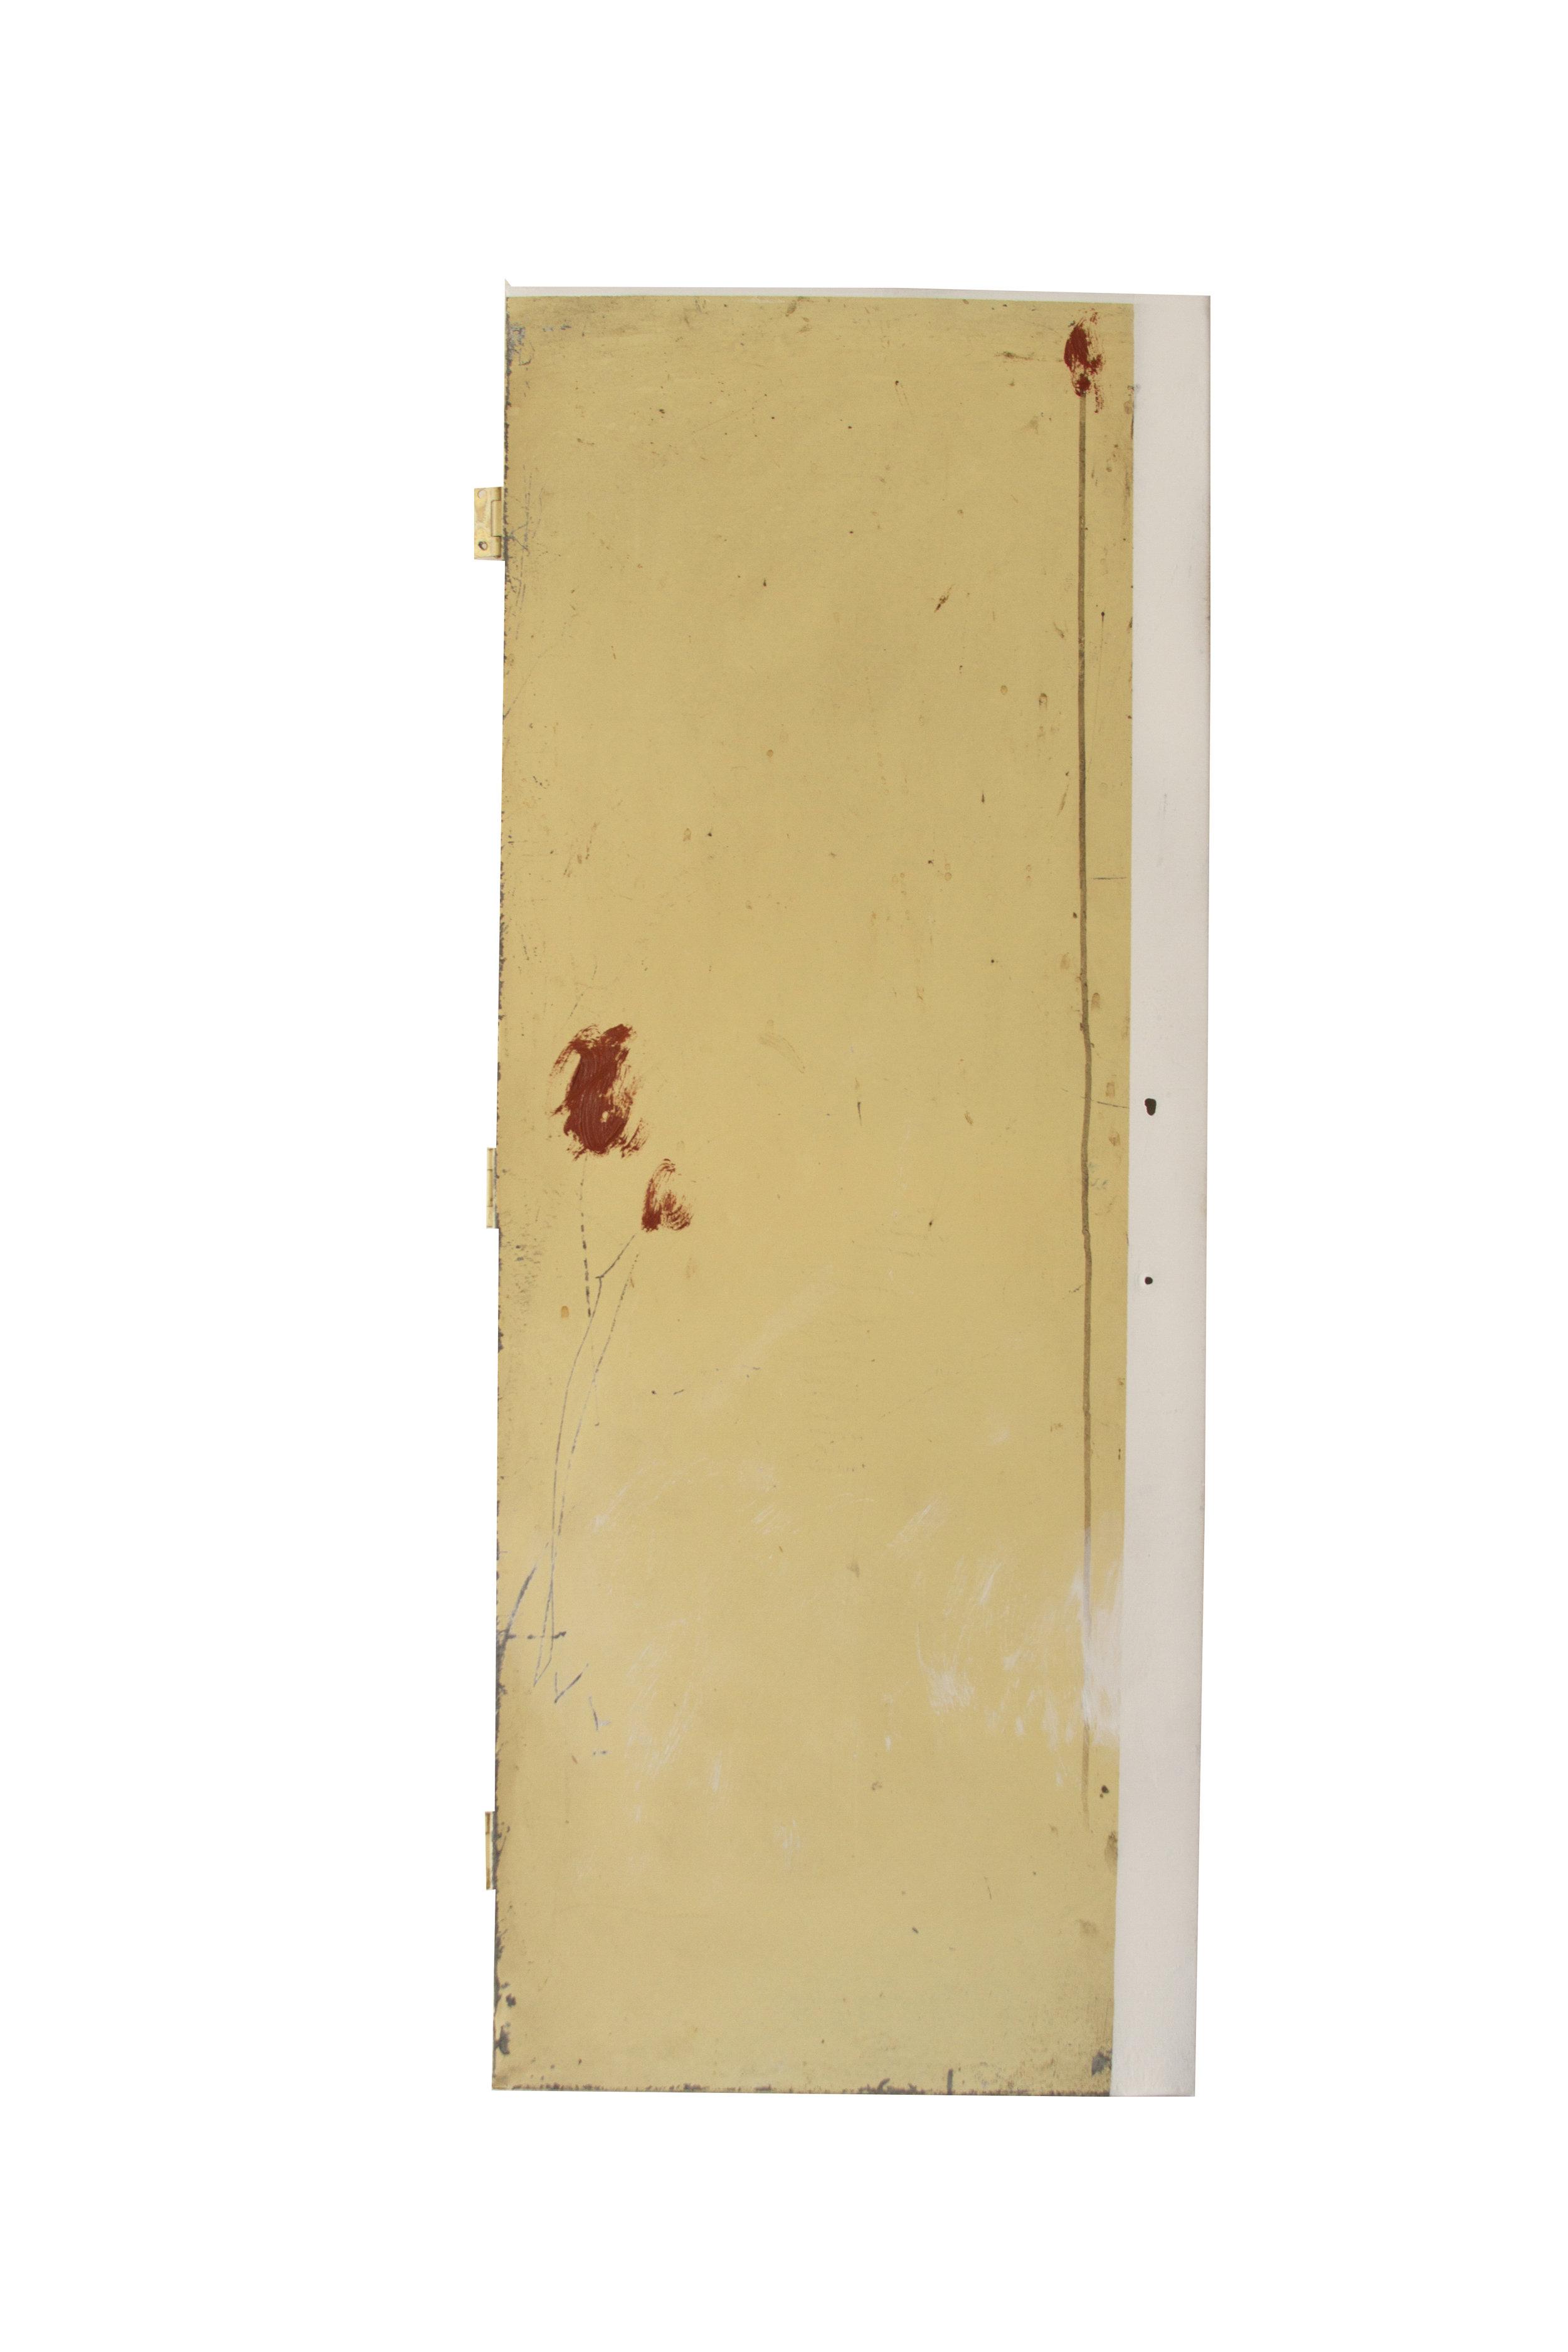 FLOWER1  Técnica:Grafito y aerosol sobre puerta metálica  Medida: 90 x 36 cm  Año: 2015